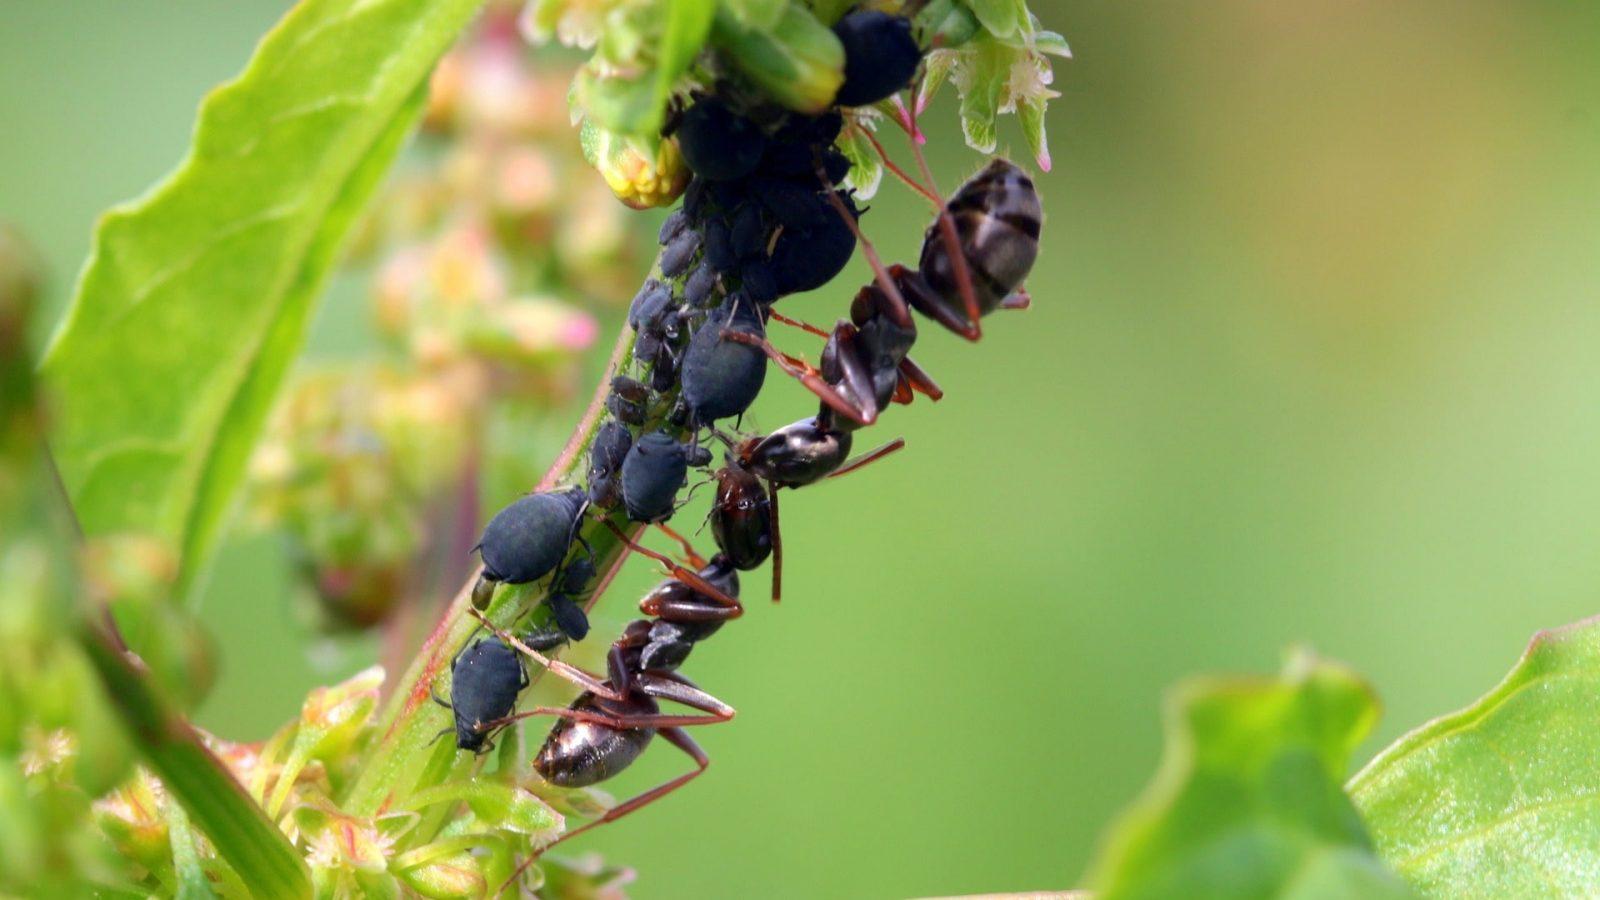 Foto Pixabay - maur - bekjempe maur og bladlus i frukttrær - lus og maur i massevis